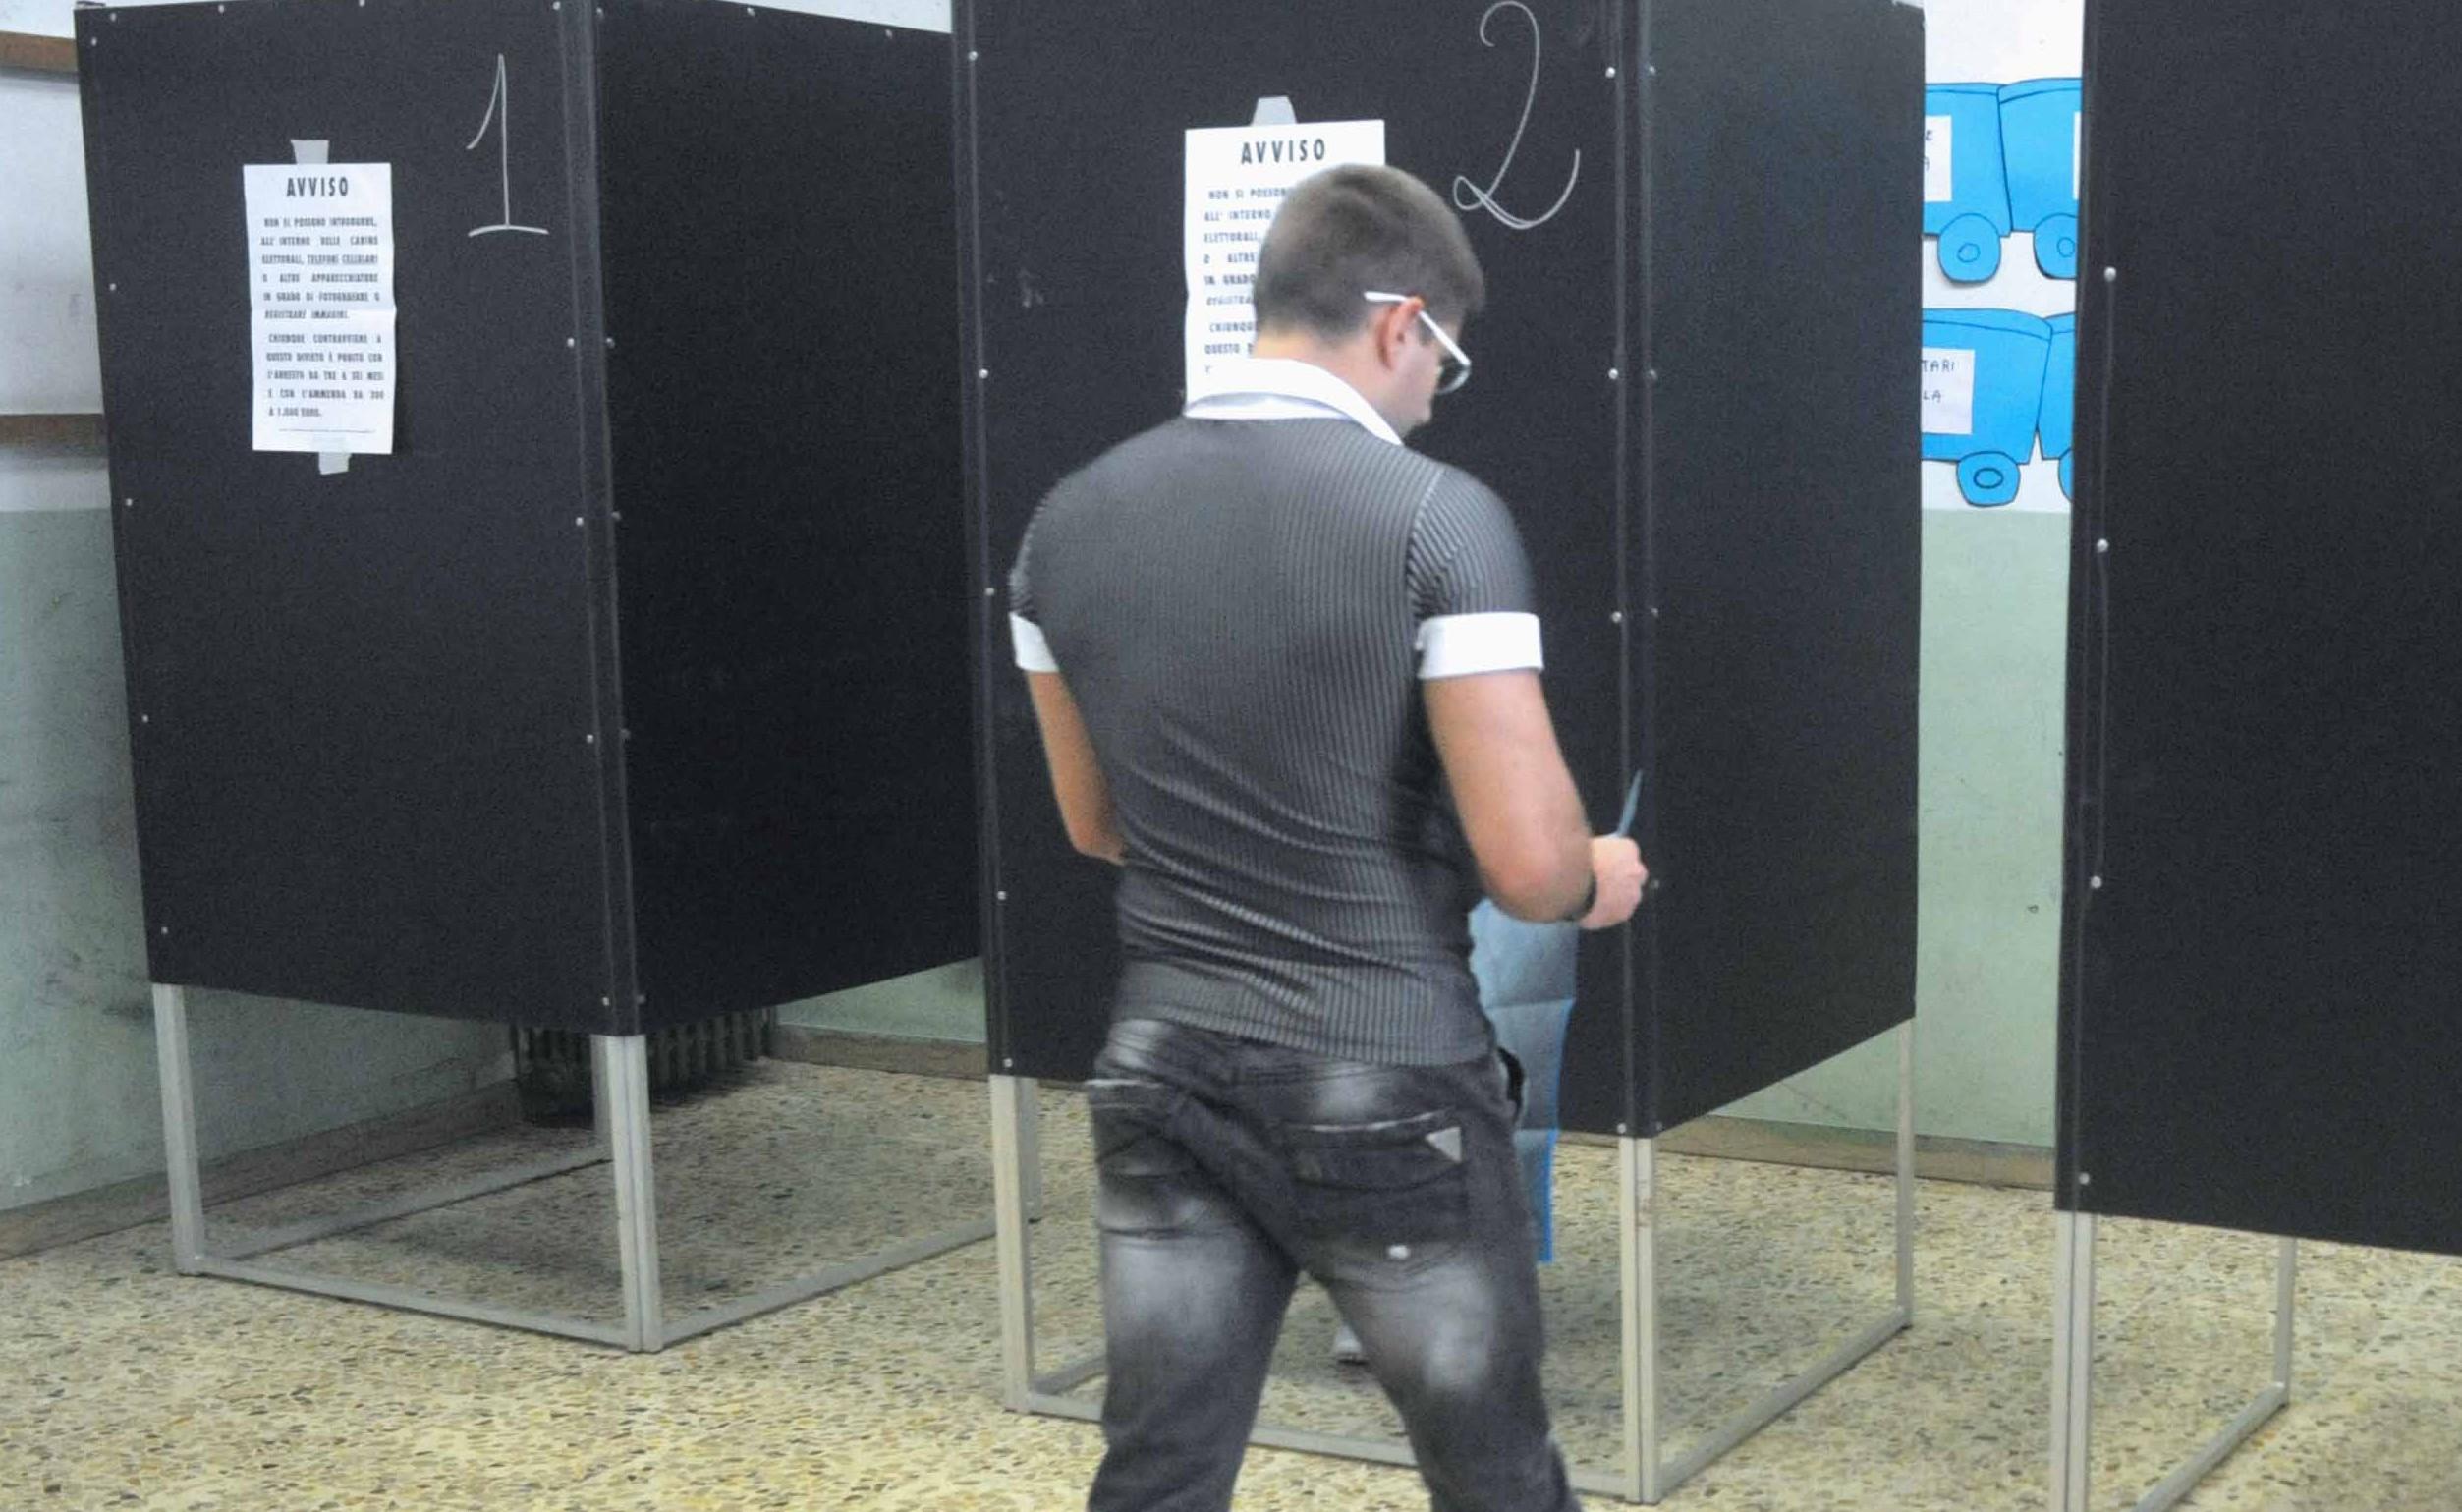 """Elezioni 2 / Al voto come in una """"commedia degli equivoci"""""""